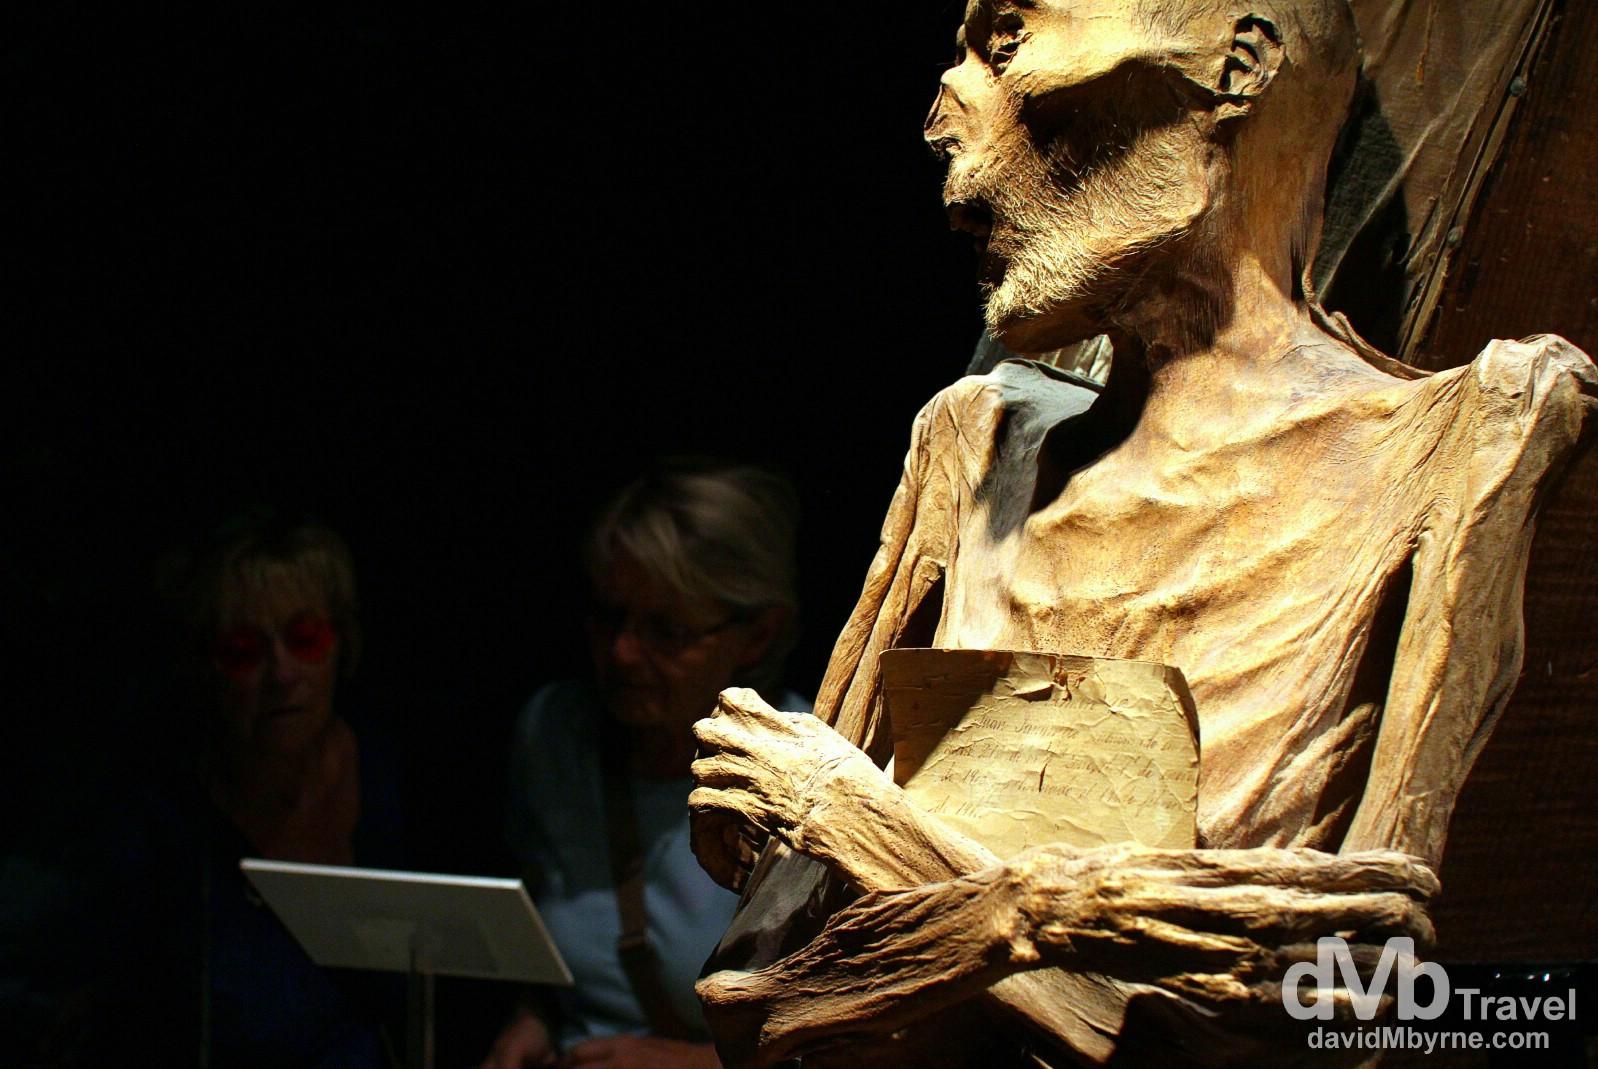 Museum of the Mummies, Quanajuato, Mexico. April 24th 2013.